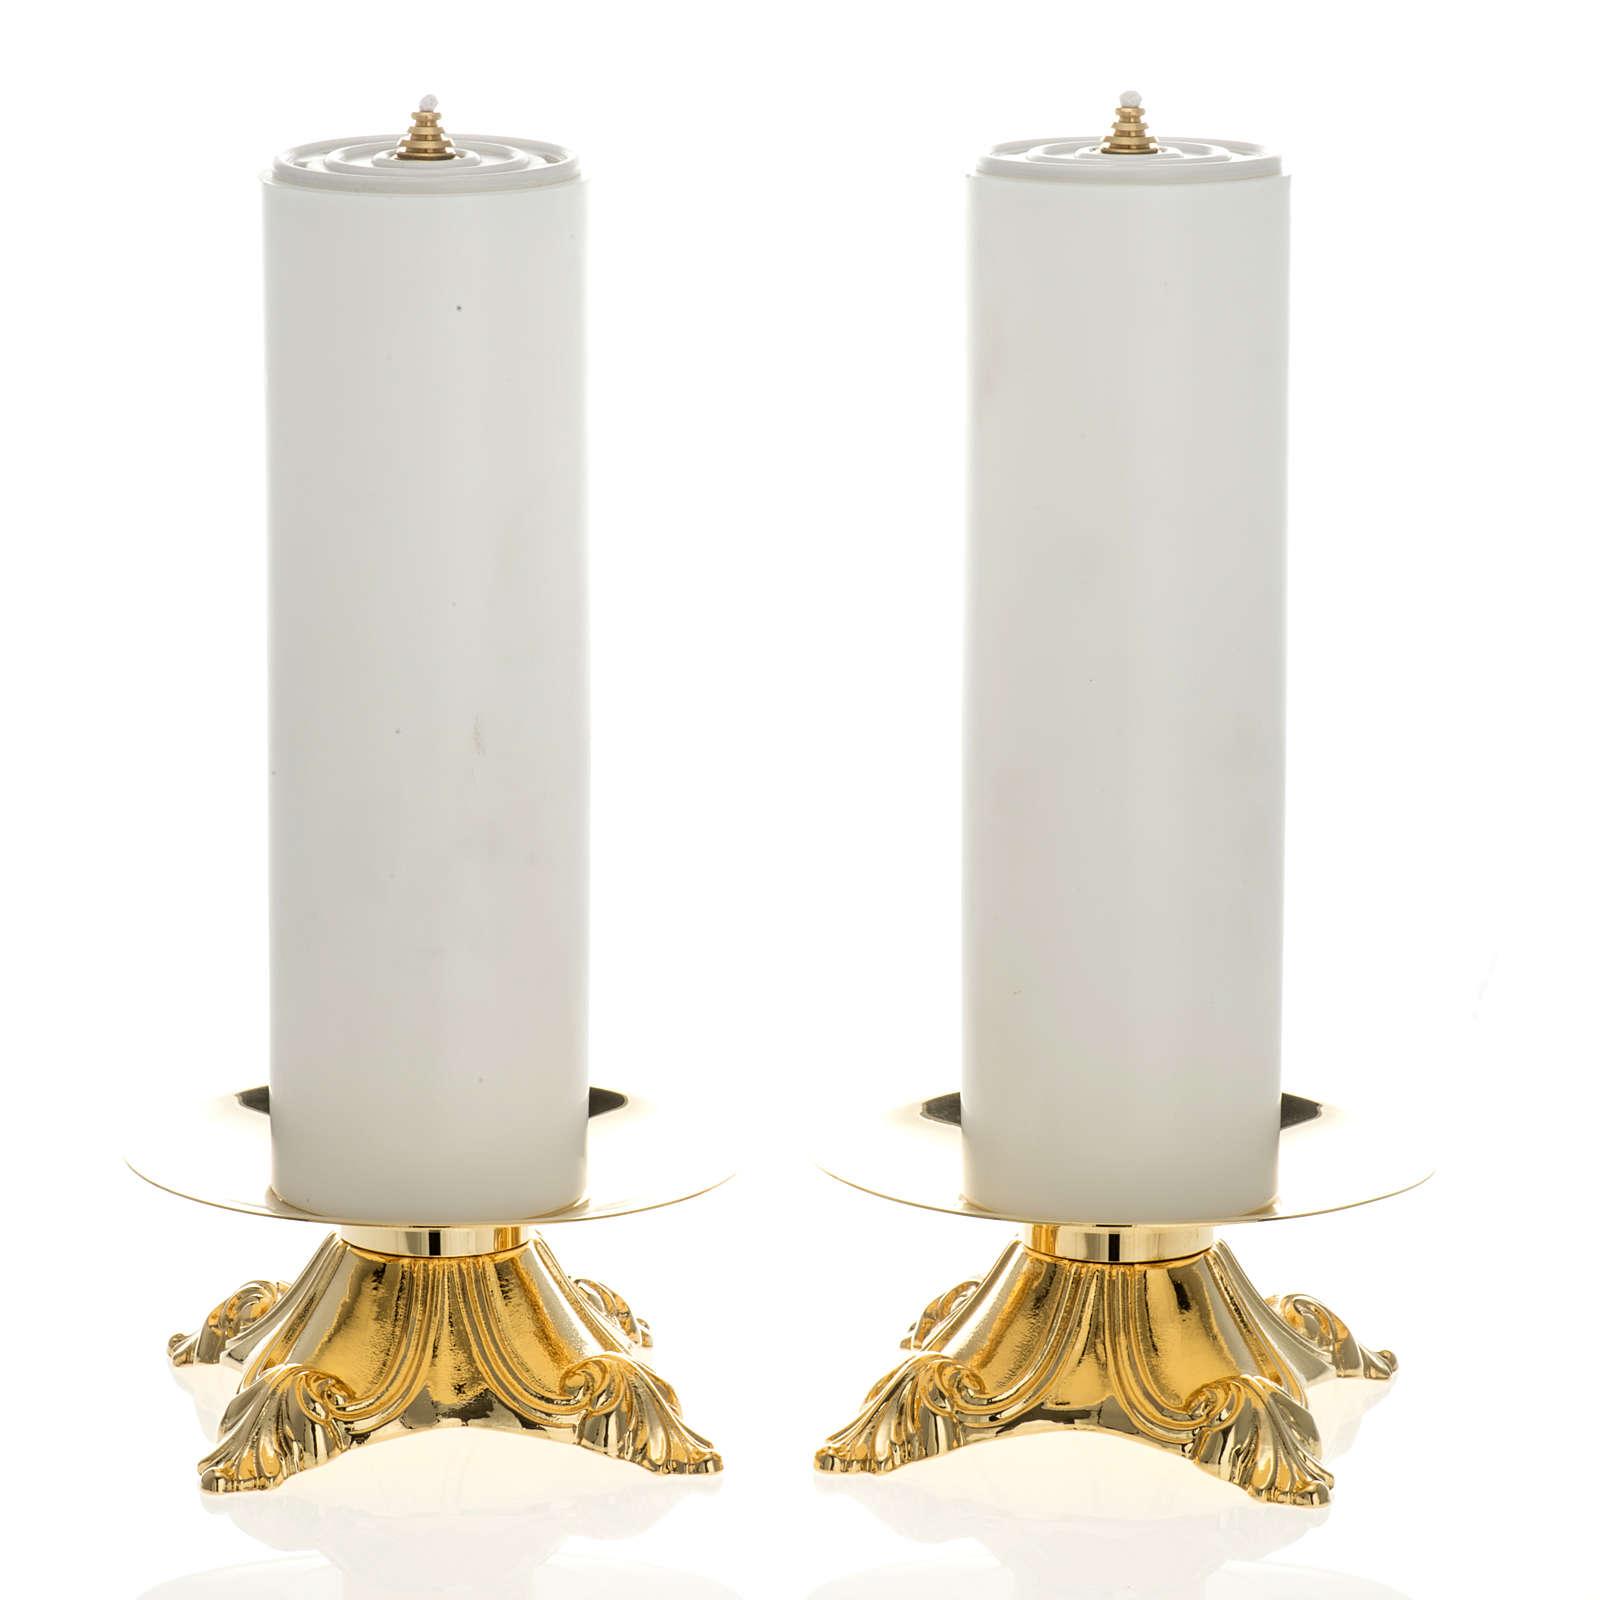 Candelieri con finte candele 2 pezzi 4